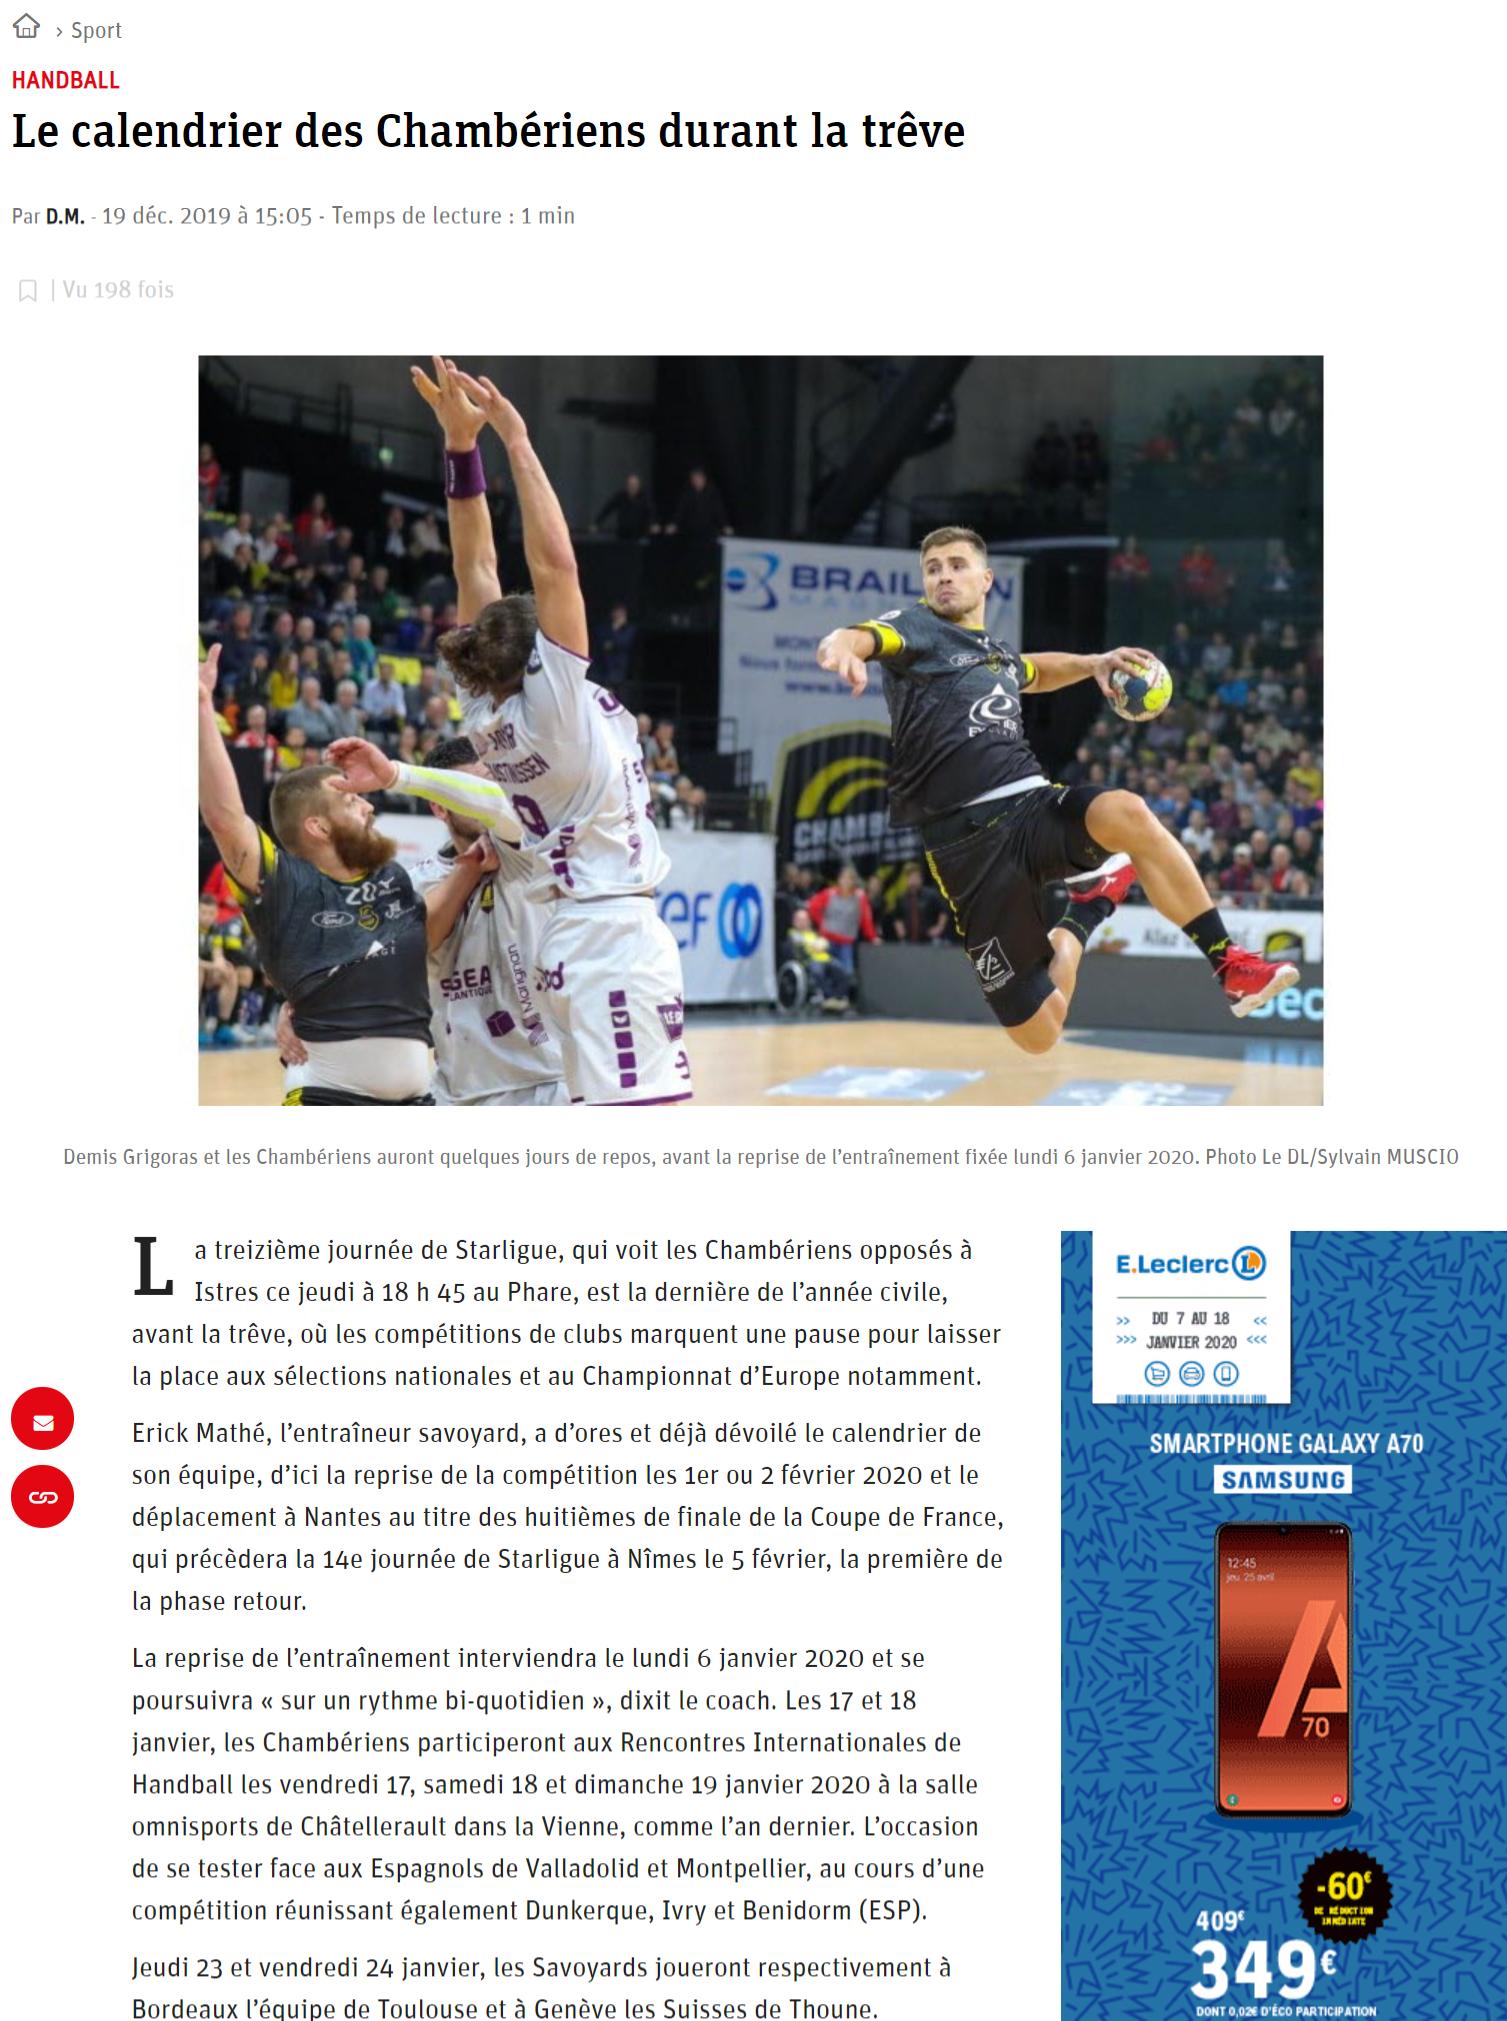 Le Dauphiné, article du 10 décembre 2019